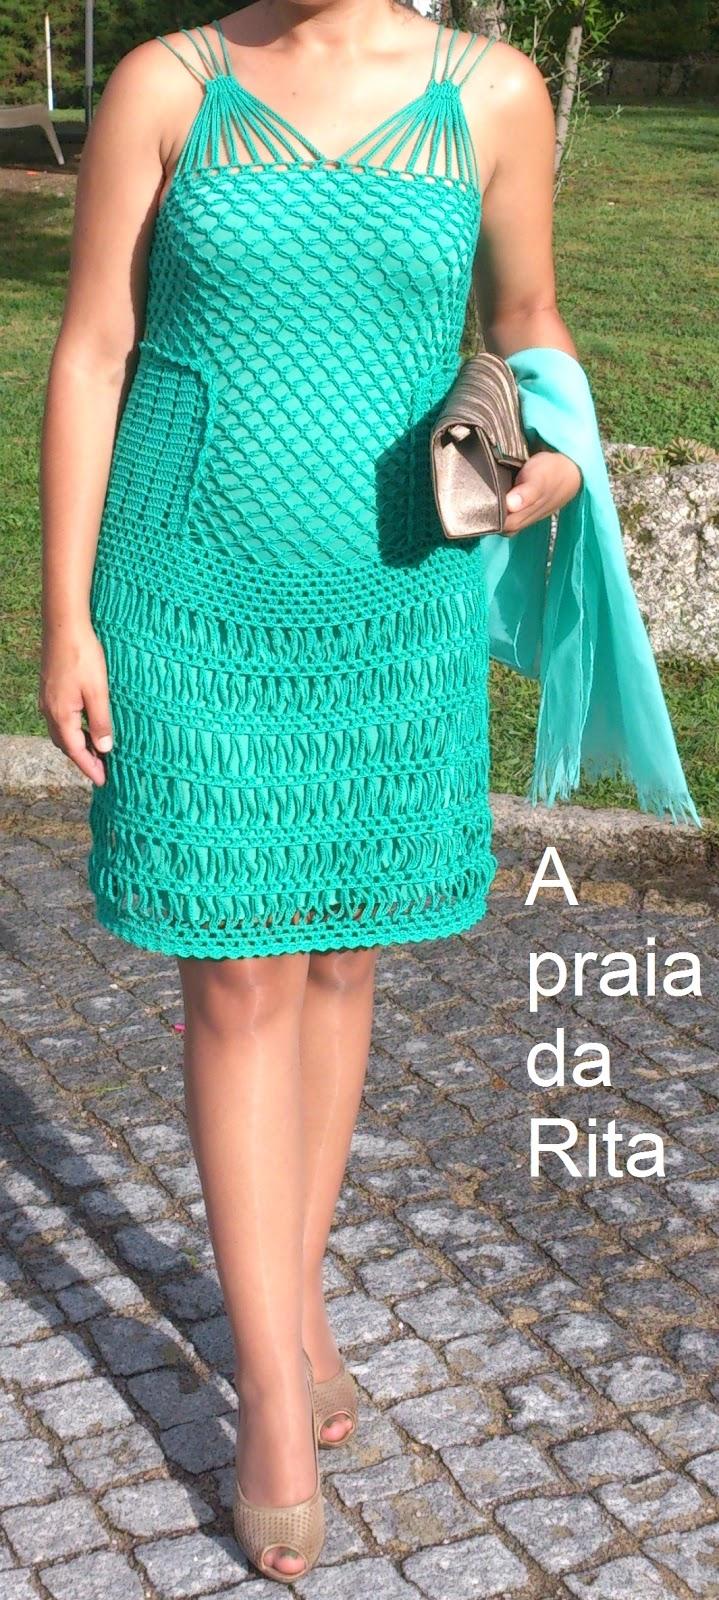 O meu vestido e verde